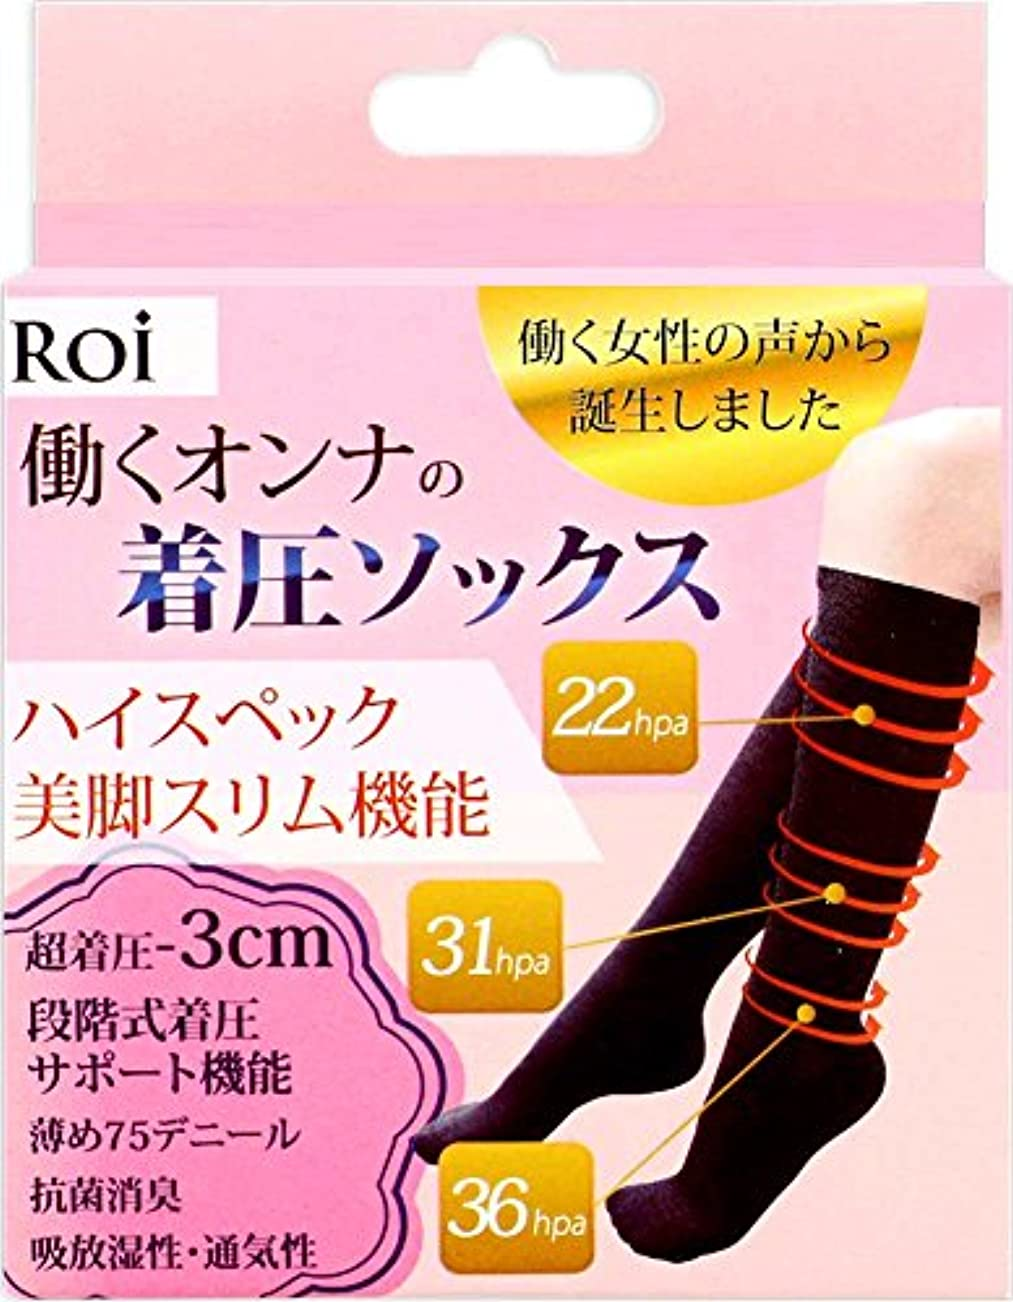 注文社説音節(ロイ)Roi 『働く女の 着圧ソックス 』強着圧-3cm ソックス 段階式着圧サポート機能 靴下 (L~LL[23.5~25cm])